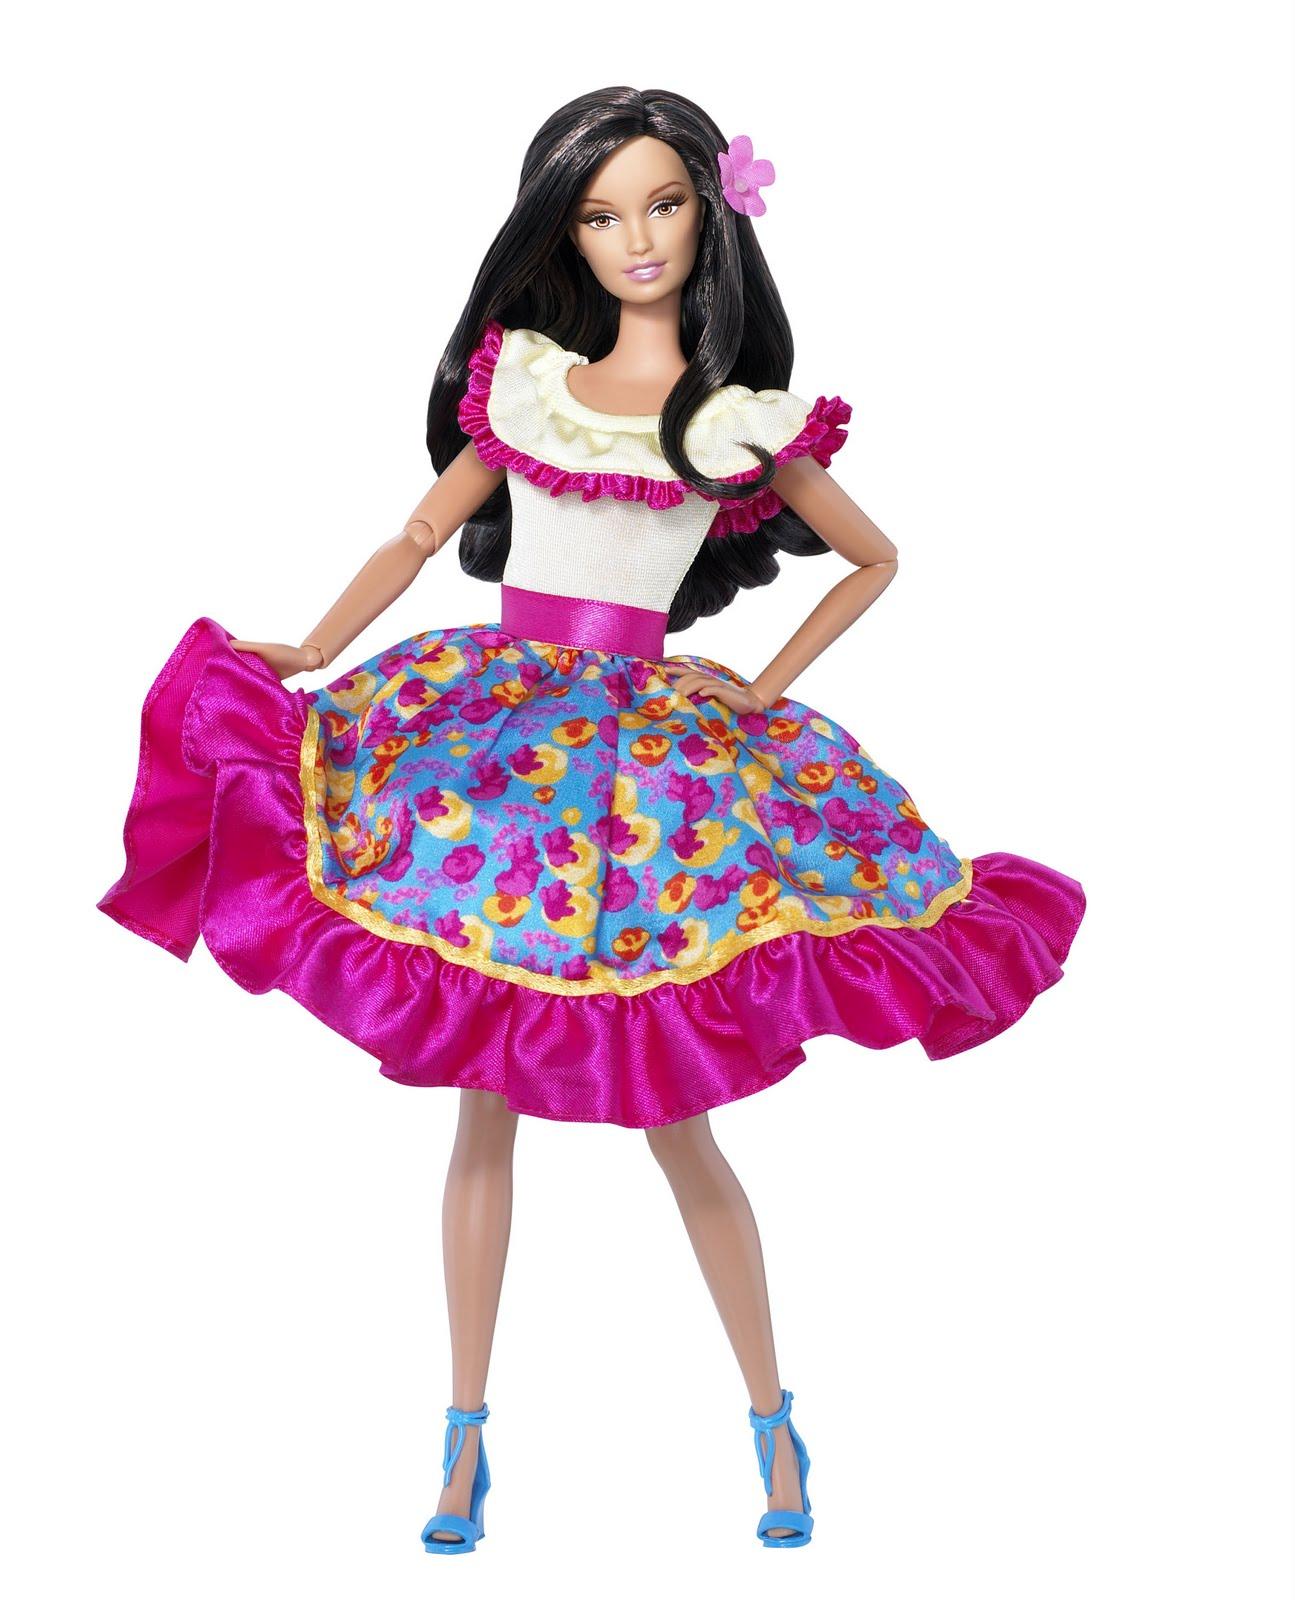 Barbie Puertorriquena